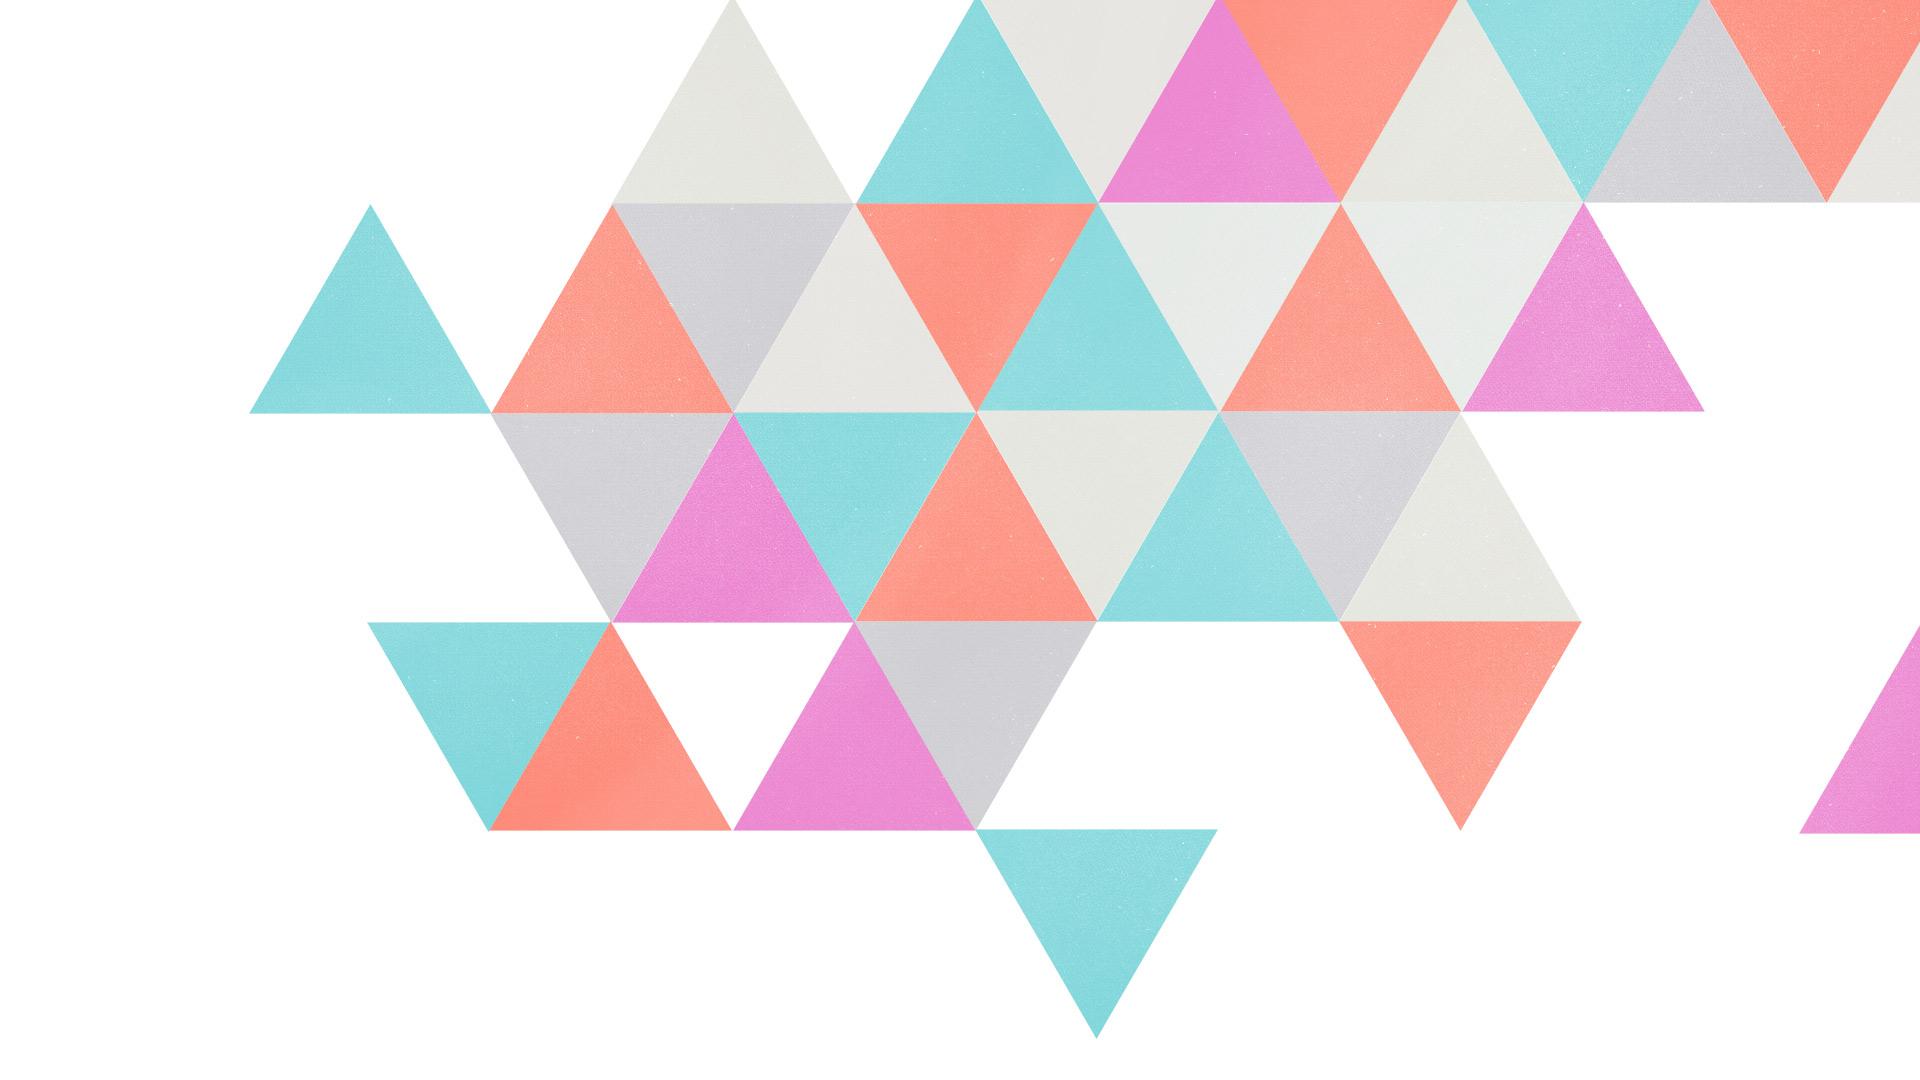 49] Geometric Wallpapers for Desktop on WallpaperSafari 1920x1080